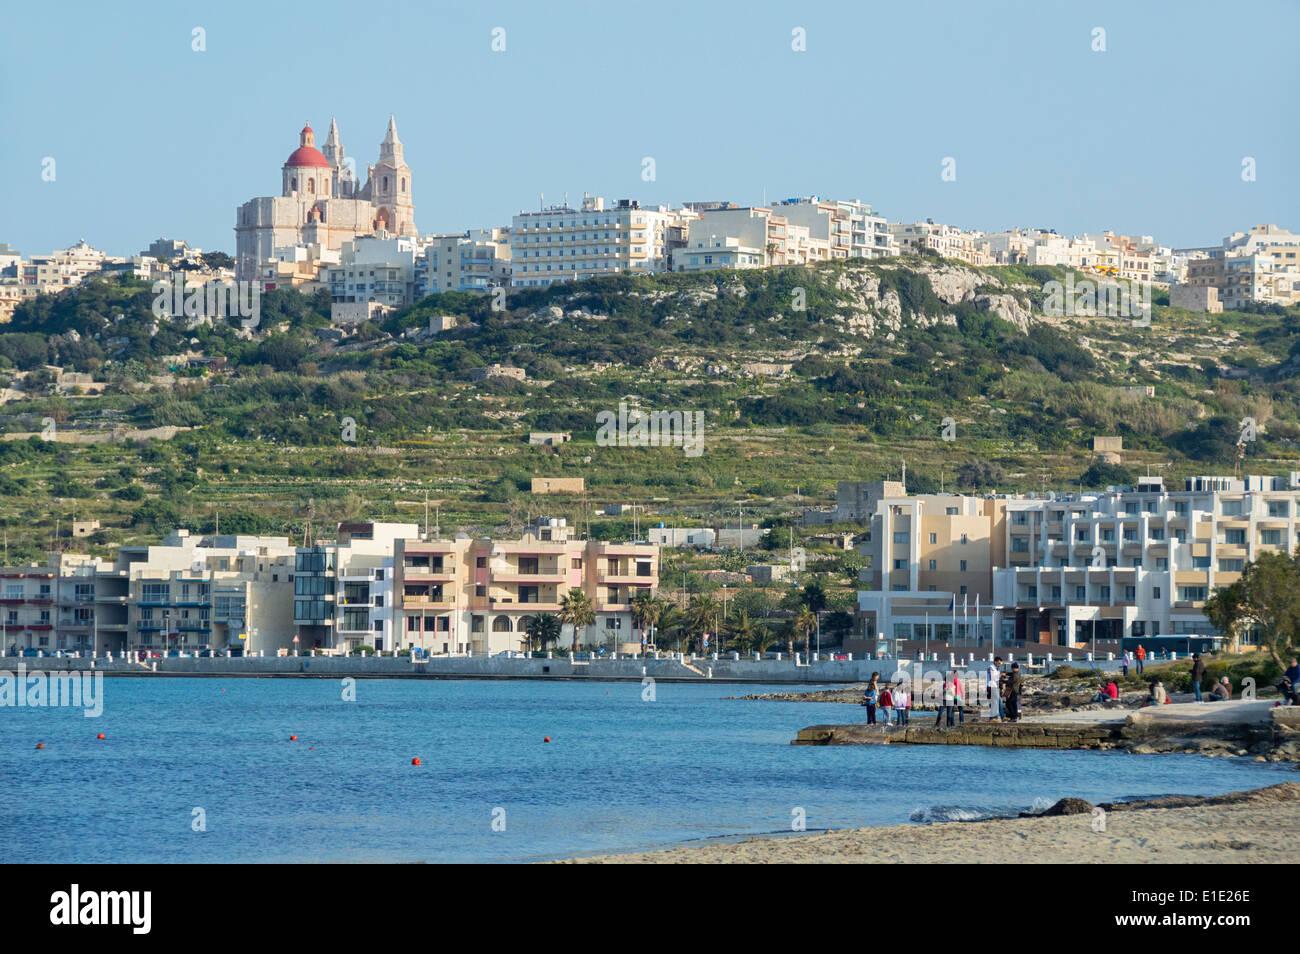 Mirando a la bahía de Mellieha Mellieha, Malta, del norte de Europa. Foto de stock